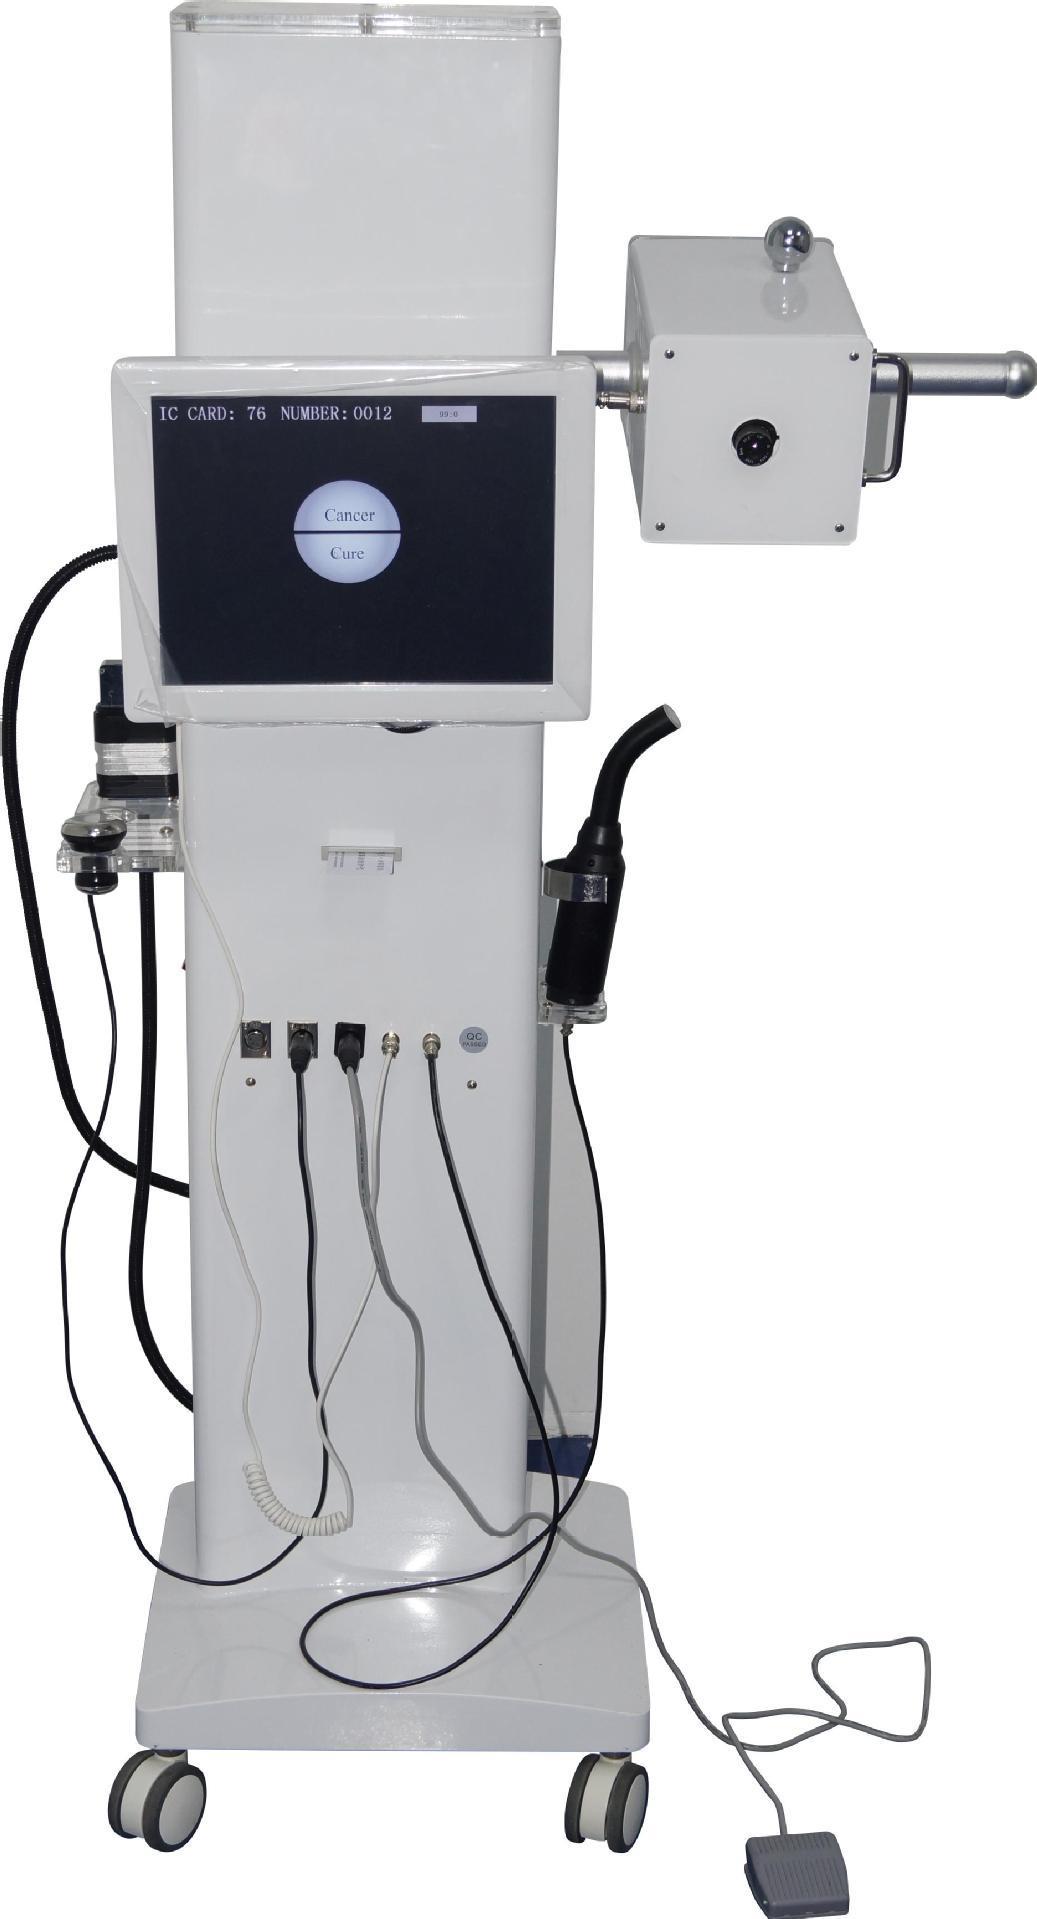 乳腺智能检测仪乳龄仪乳房修复仪美容仪器2018新款